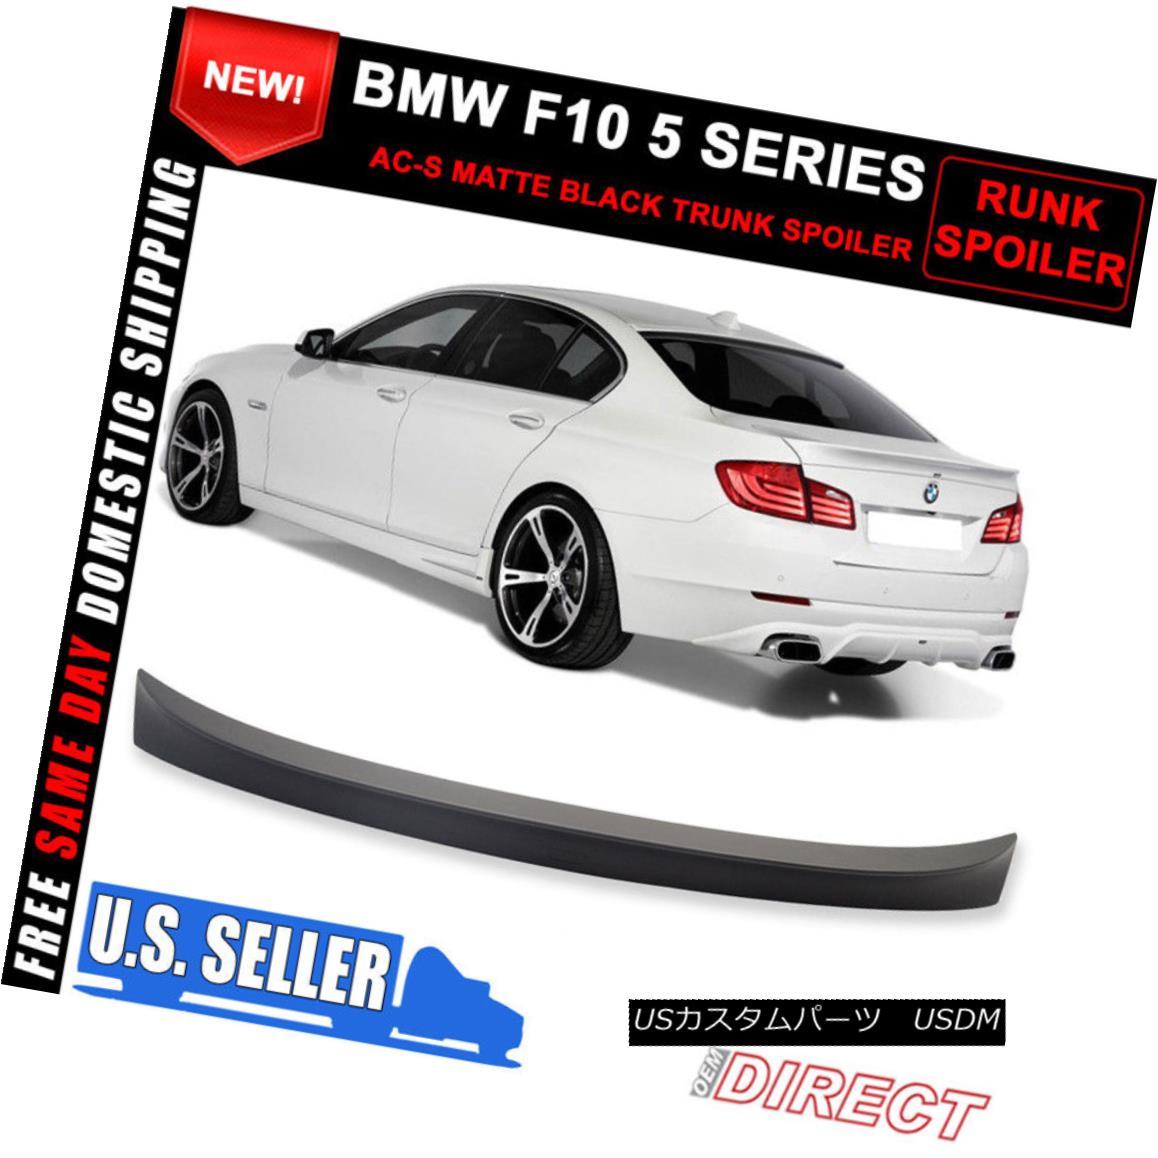 エアロパーツ 11-16 BMW F10 5 Series AC-S Style Trunk Spoiler Painted Matte Black 11-16 BMW F10 5シリーズAC-Sスタイルトランクスポイラー塗装マットブラック